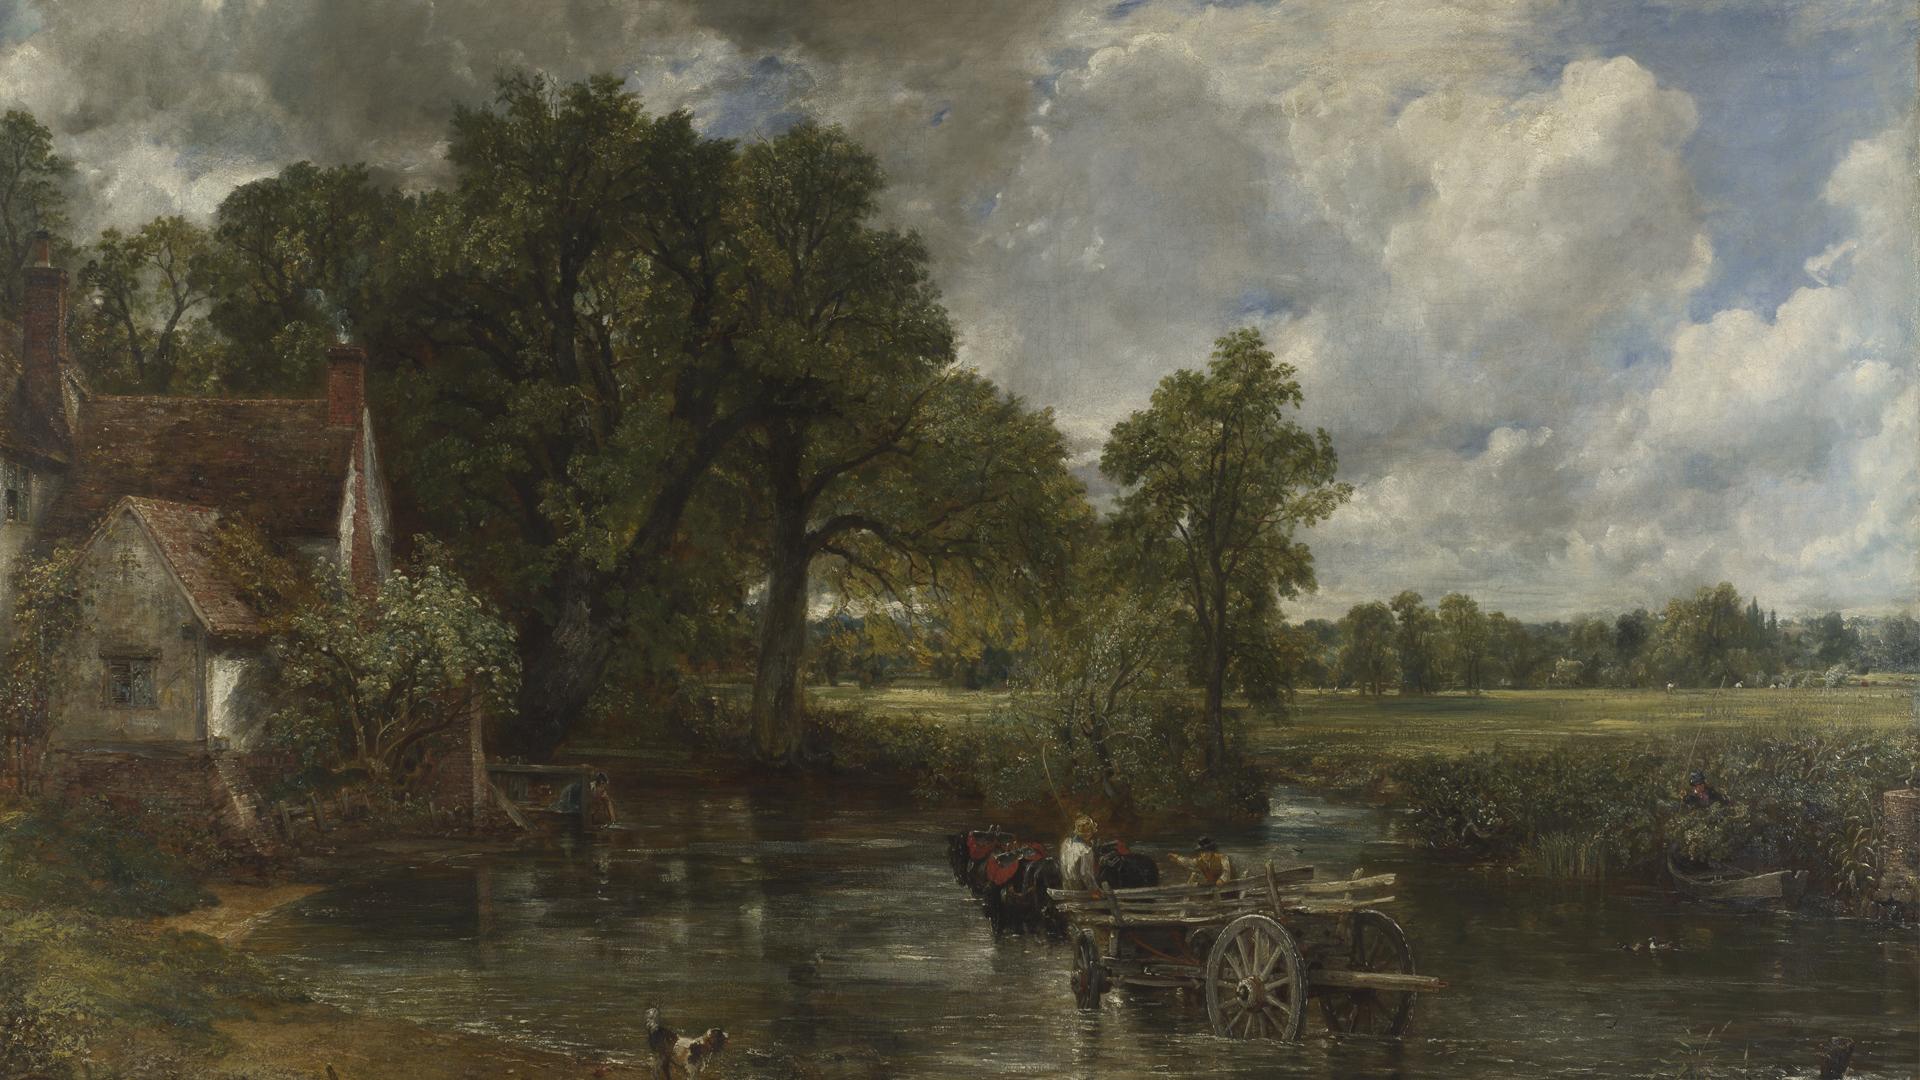 NG1207 - John Constable. The Hay Wain. 1821. © The National Gallery, London